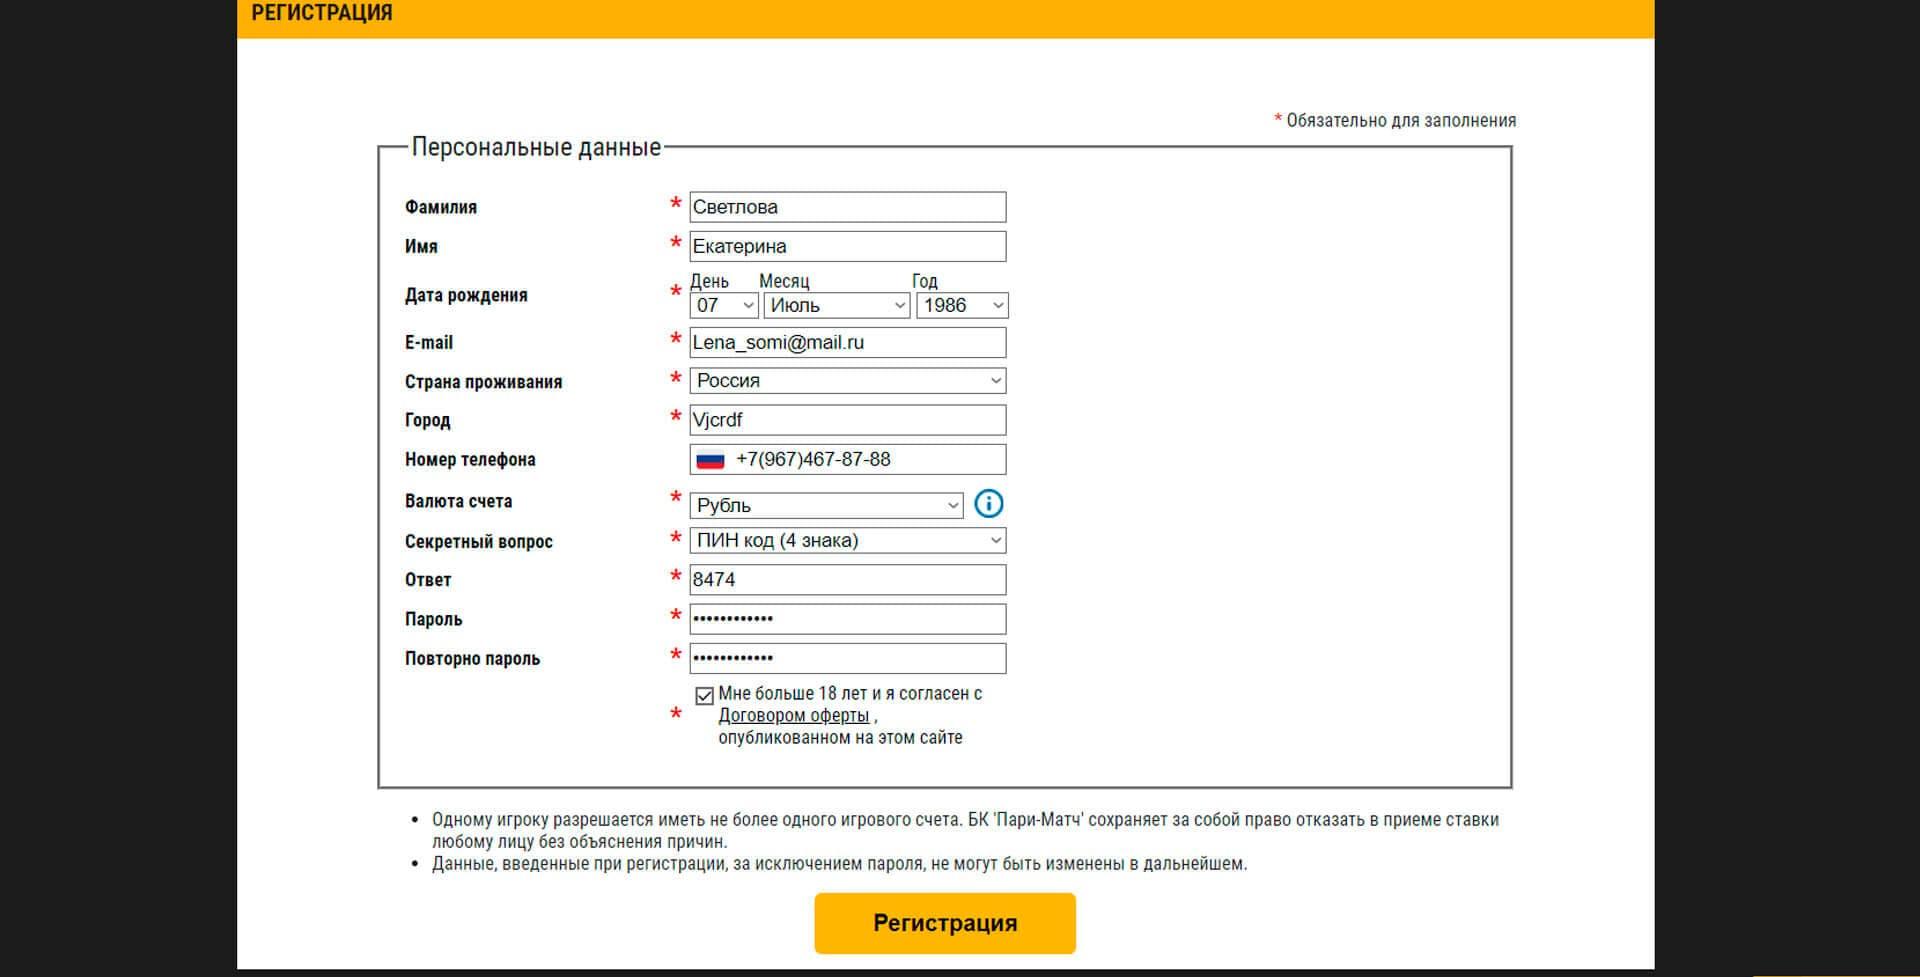 Регистрация на сайте Париматч